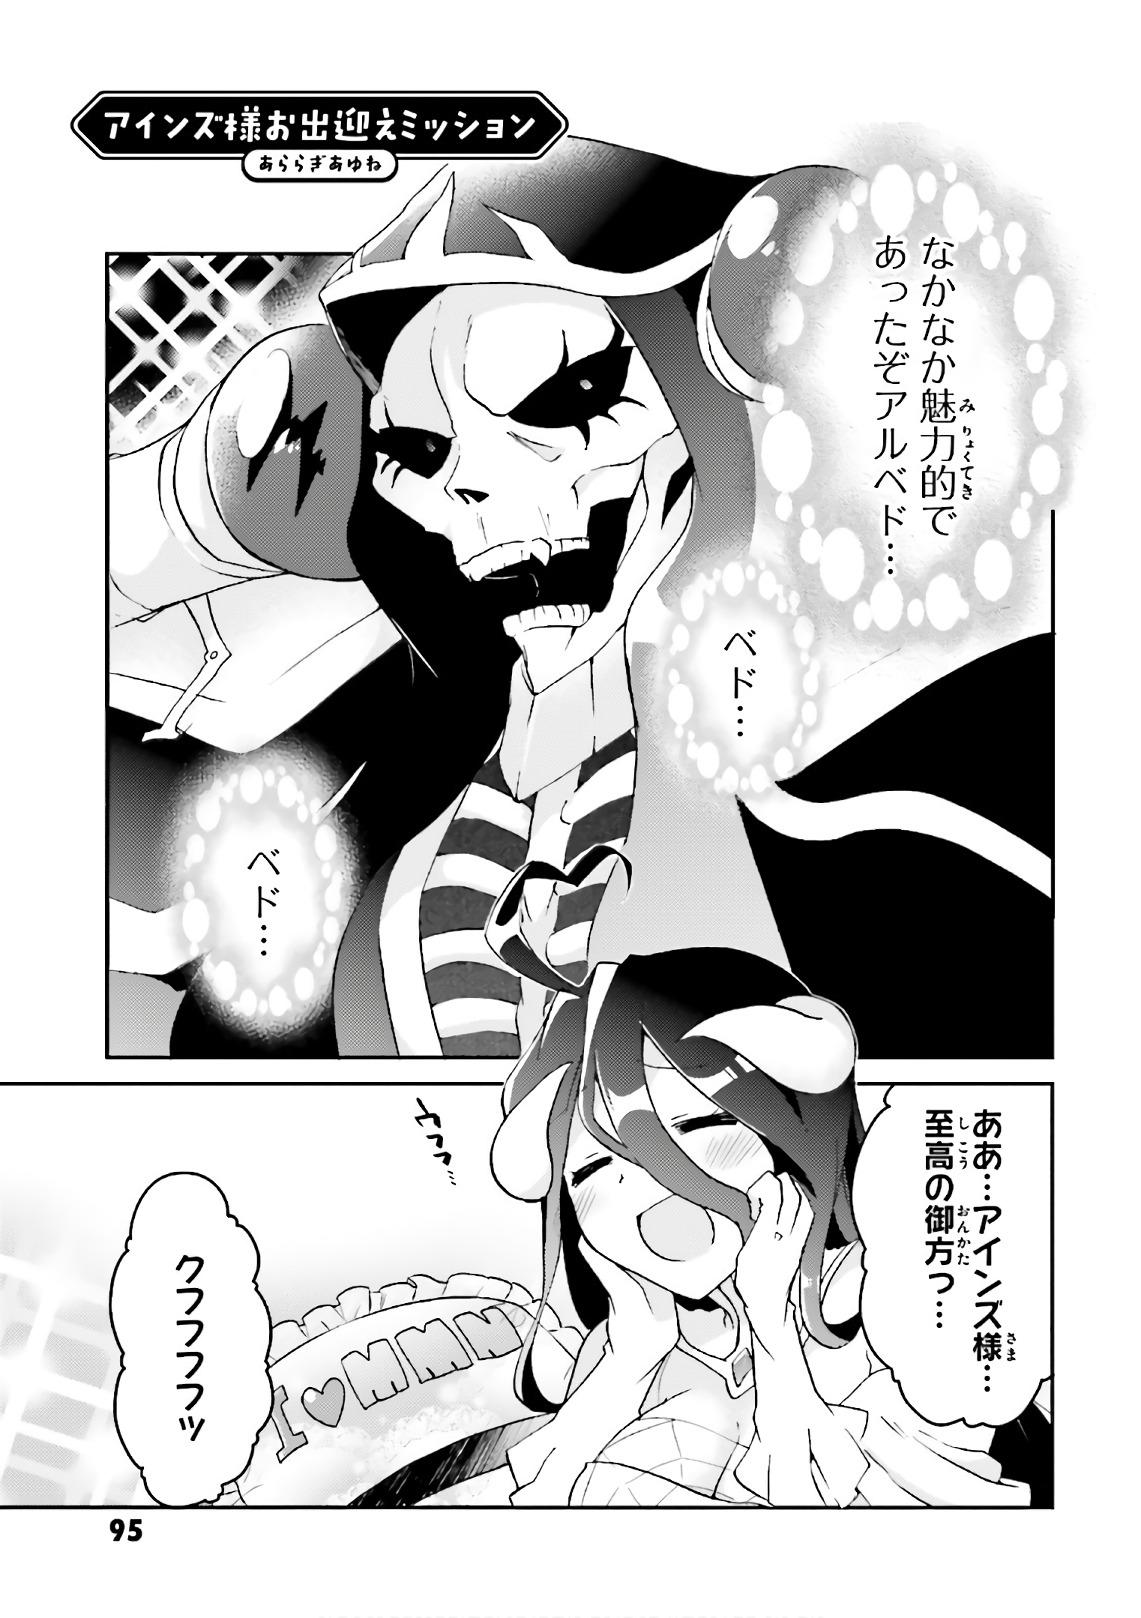 Mission: Welcoming Ainz-sama